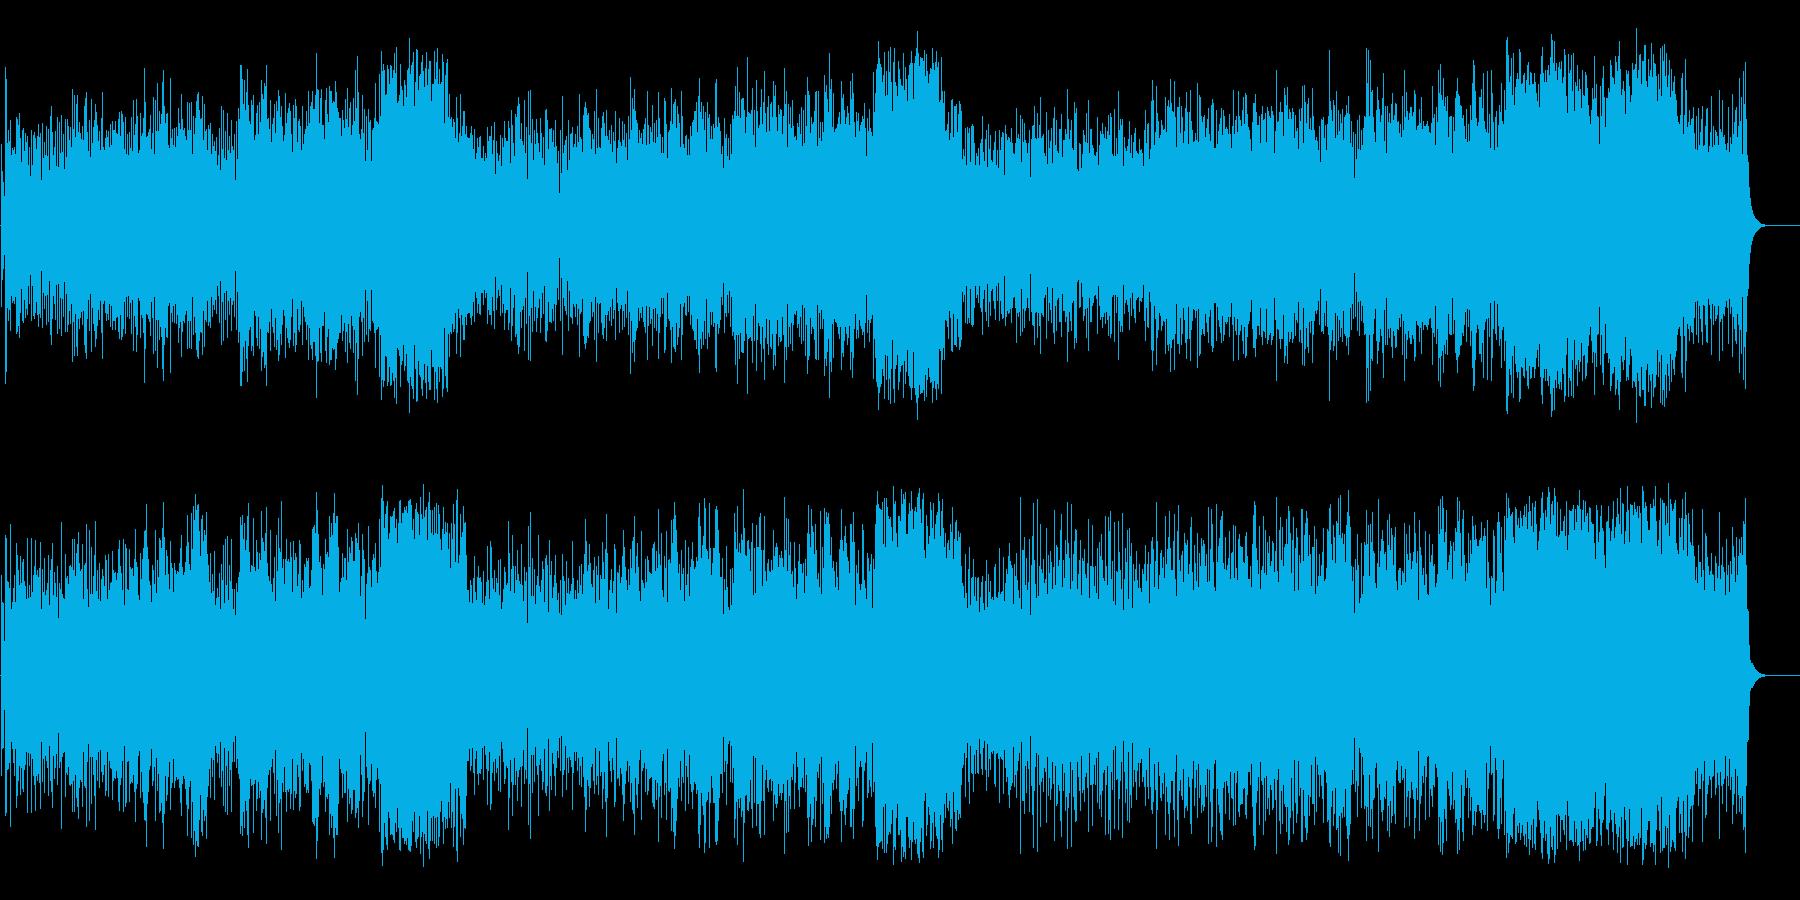 サン・ビームなカリビアン・ミュージック風の再生済みの波形